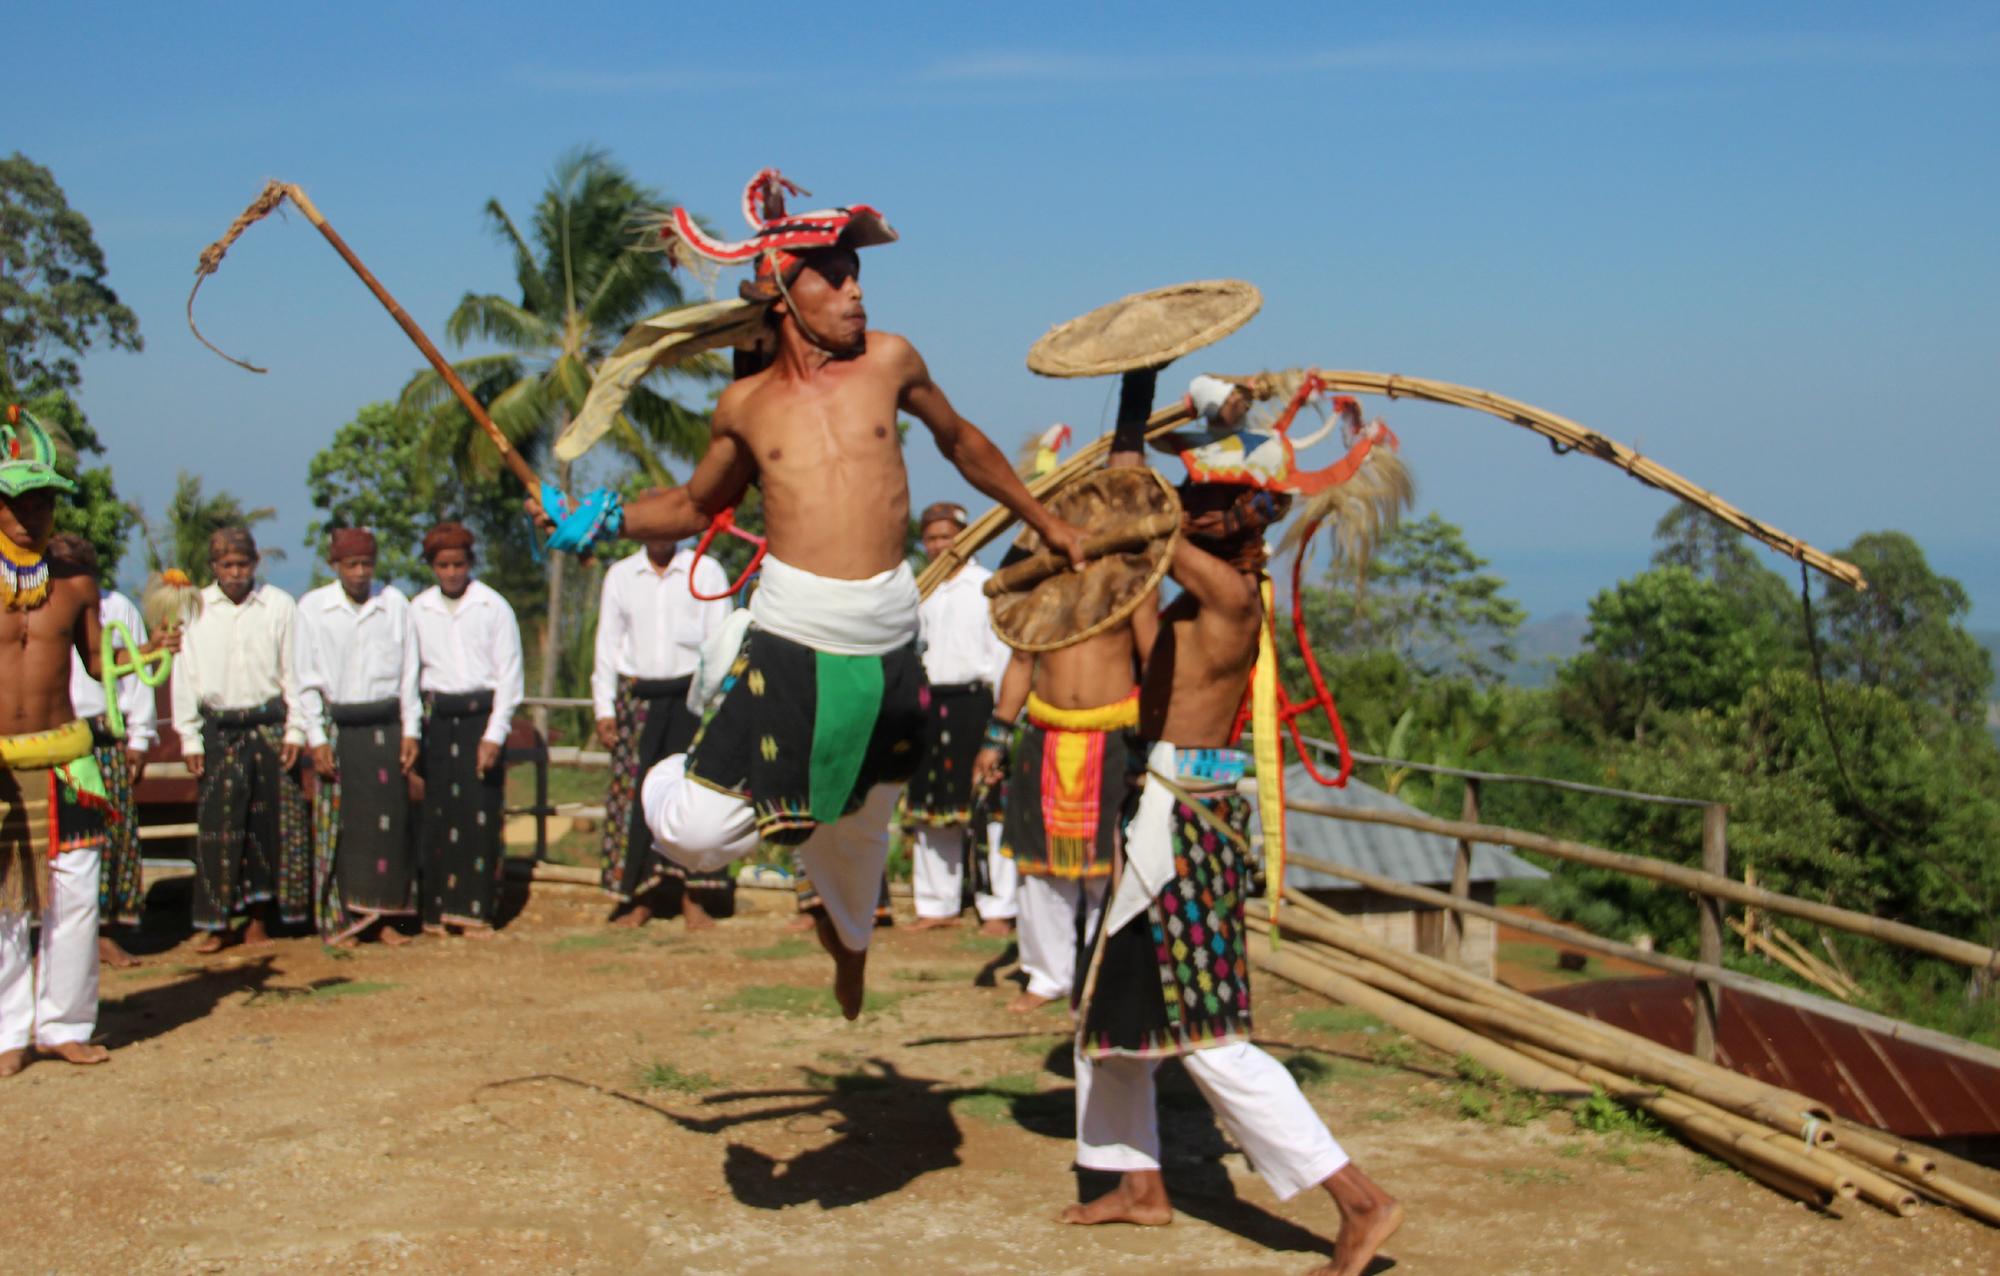 Caci, bela diri, Manggarai, Melo, Liang Ndara, Manggarai Barat, Nusa Tenggara Timur, NTT